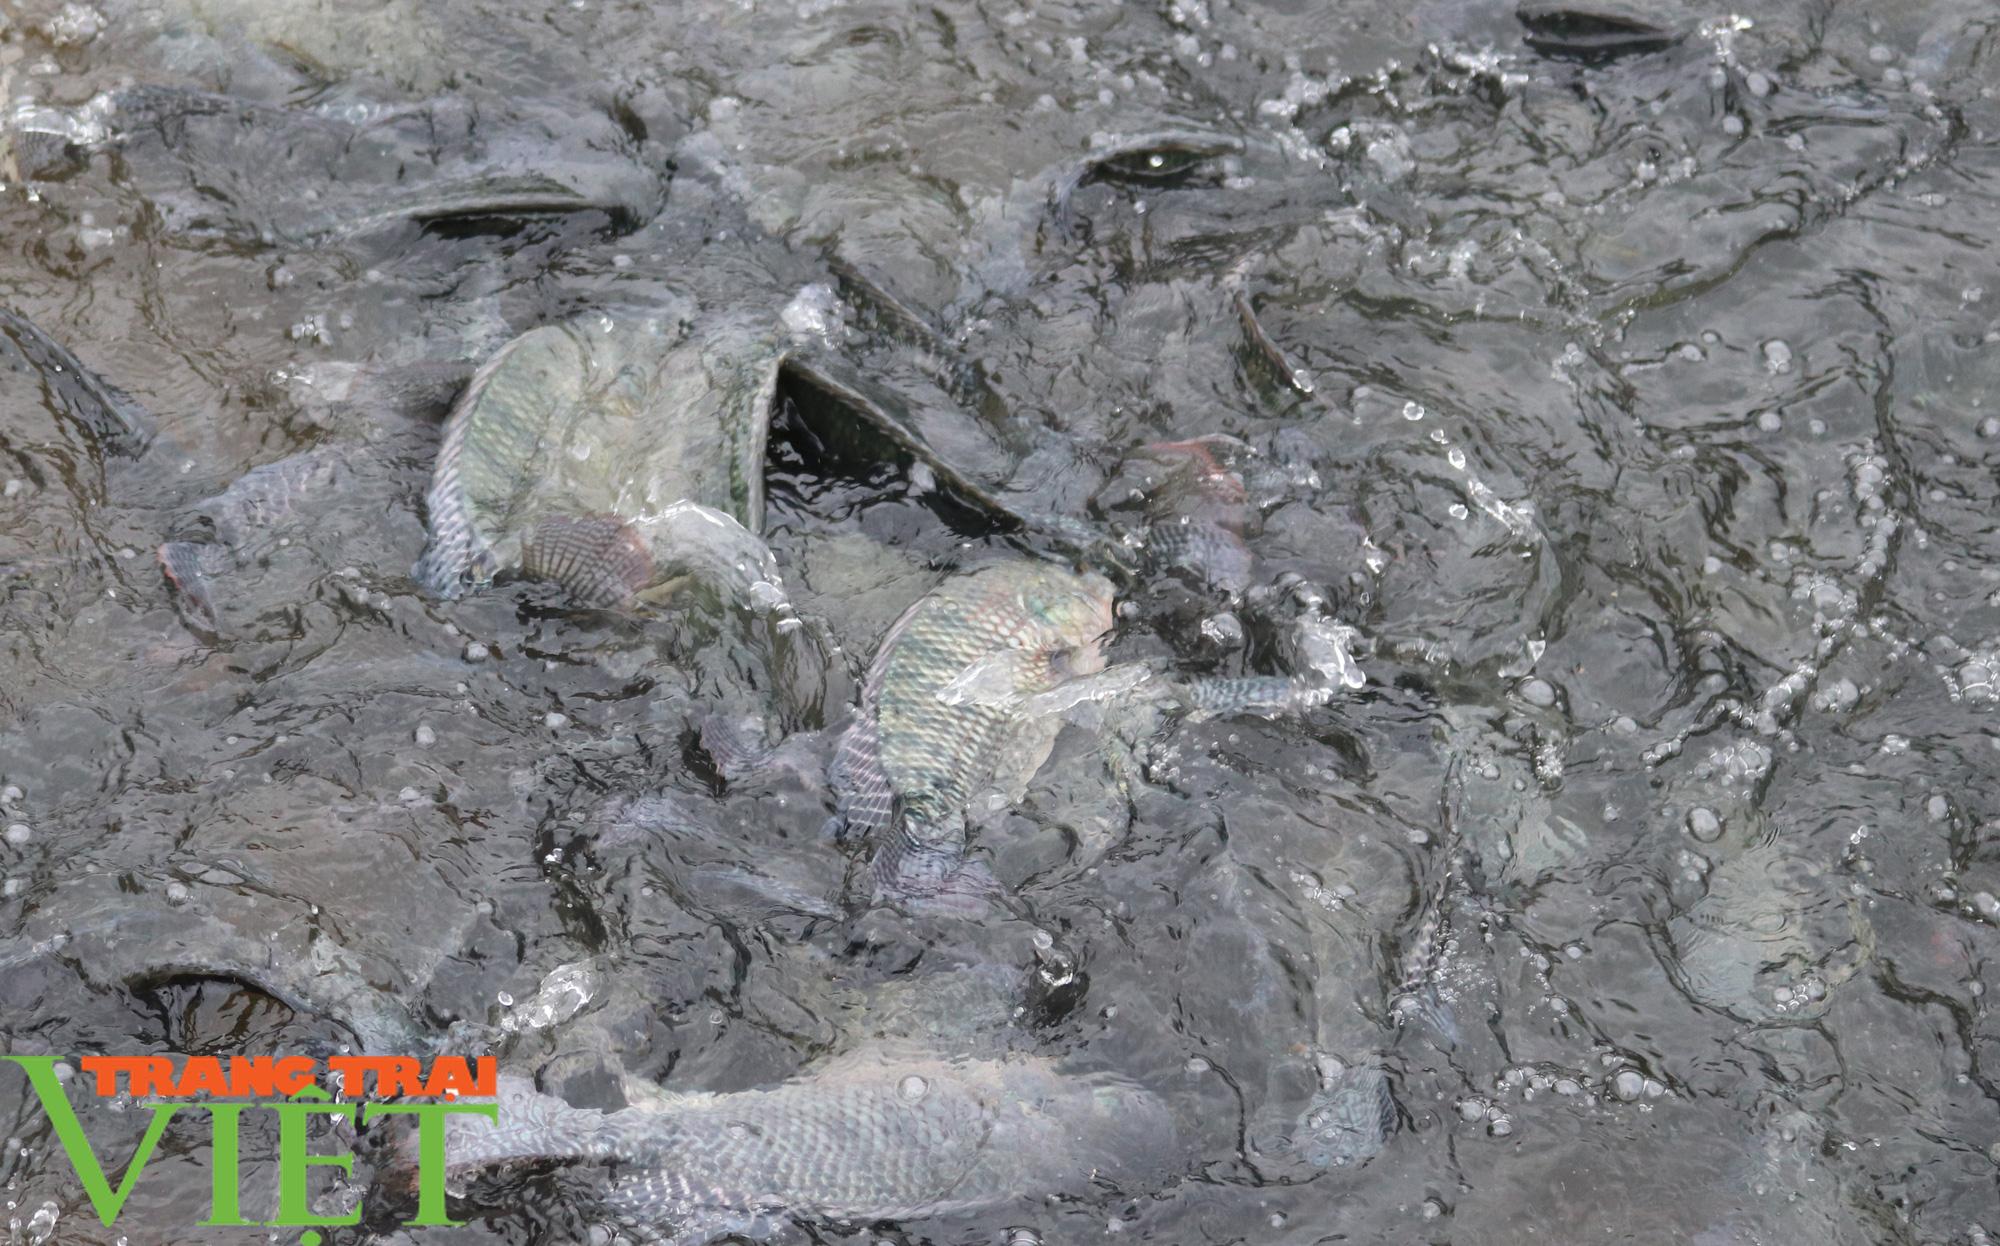 Cựu chiến binh có biệt tài dụ cá lên ăn thức ăn  - Ảnh 2.